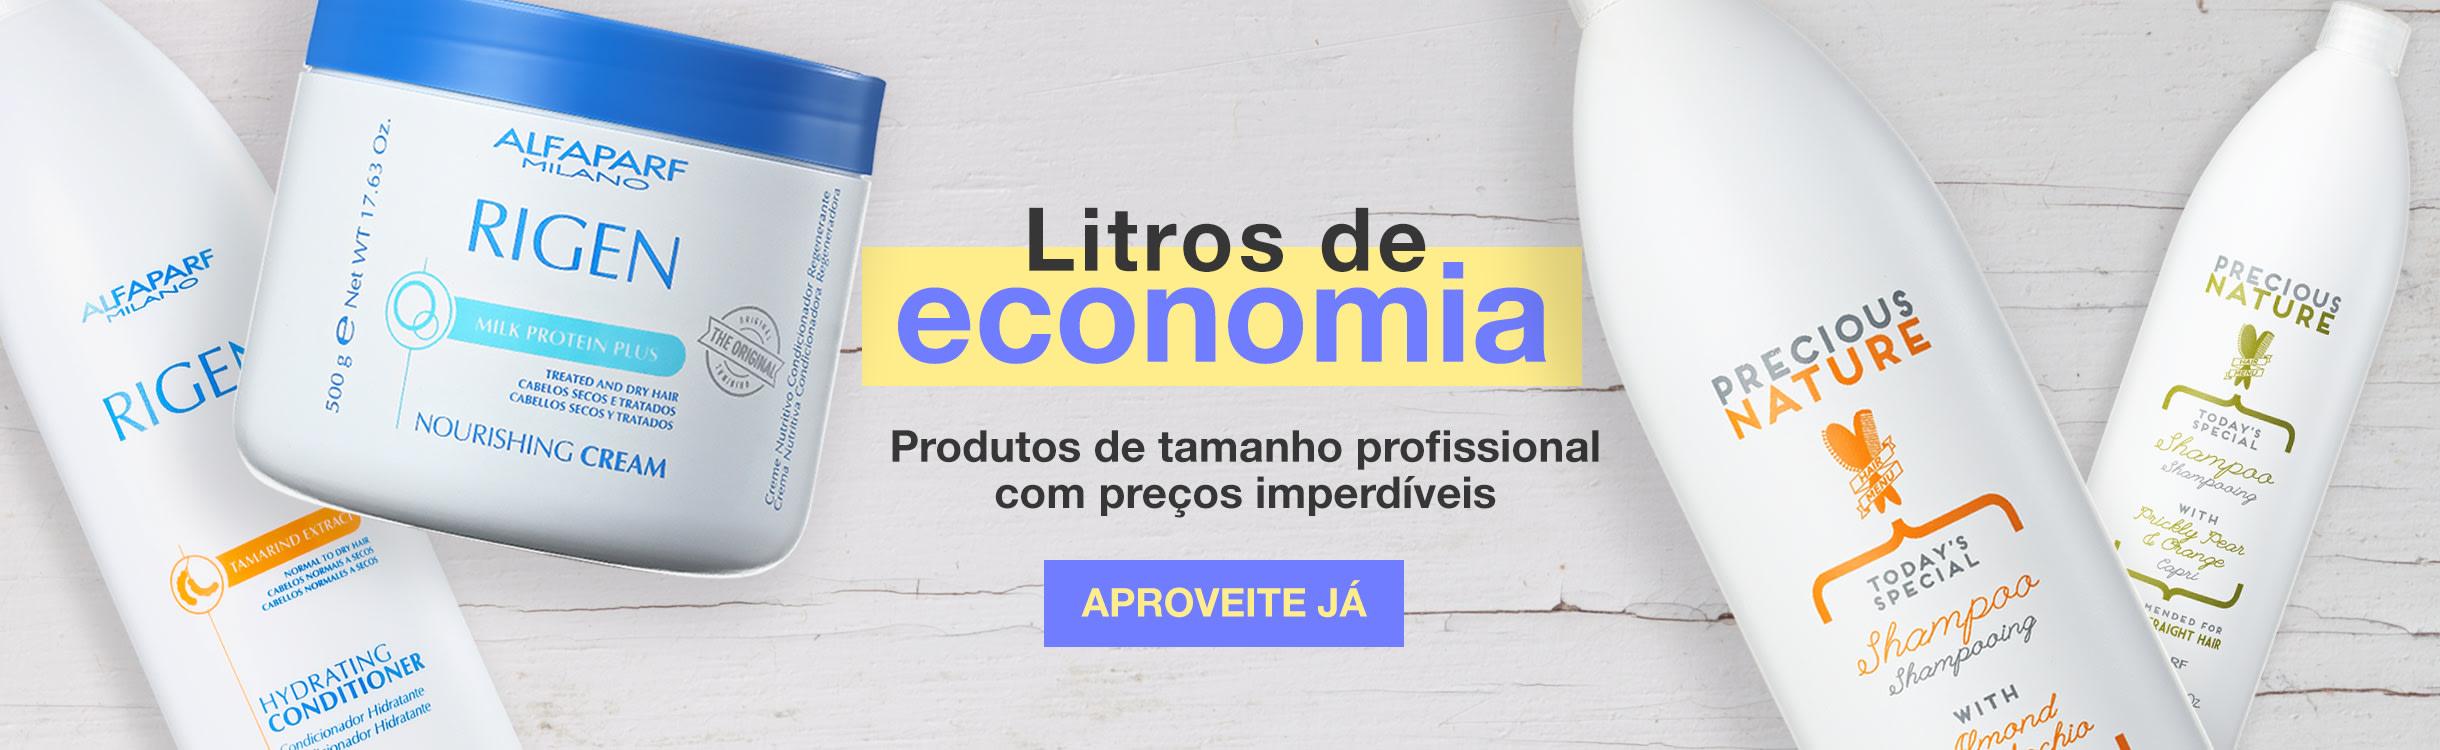 Litros de Economia